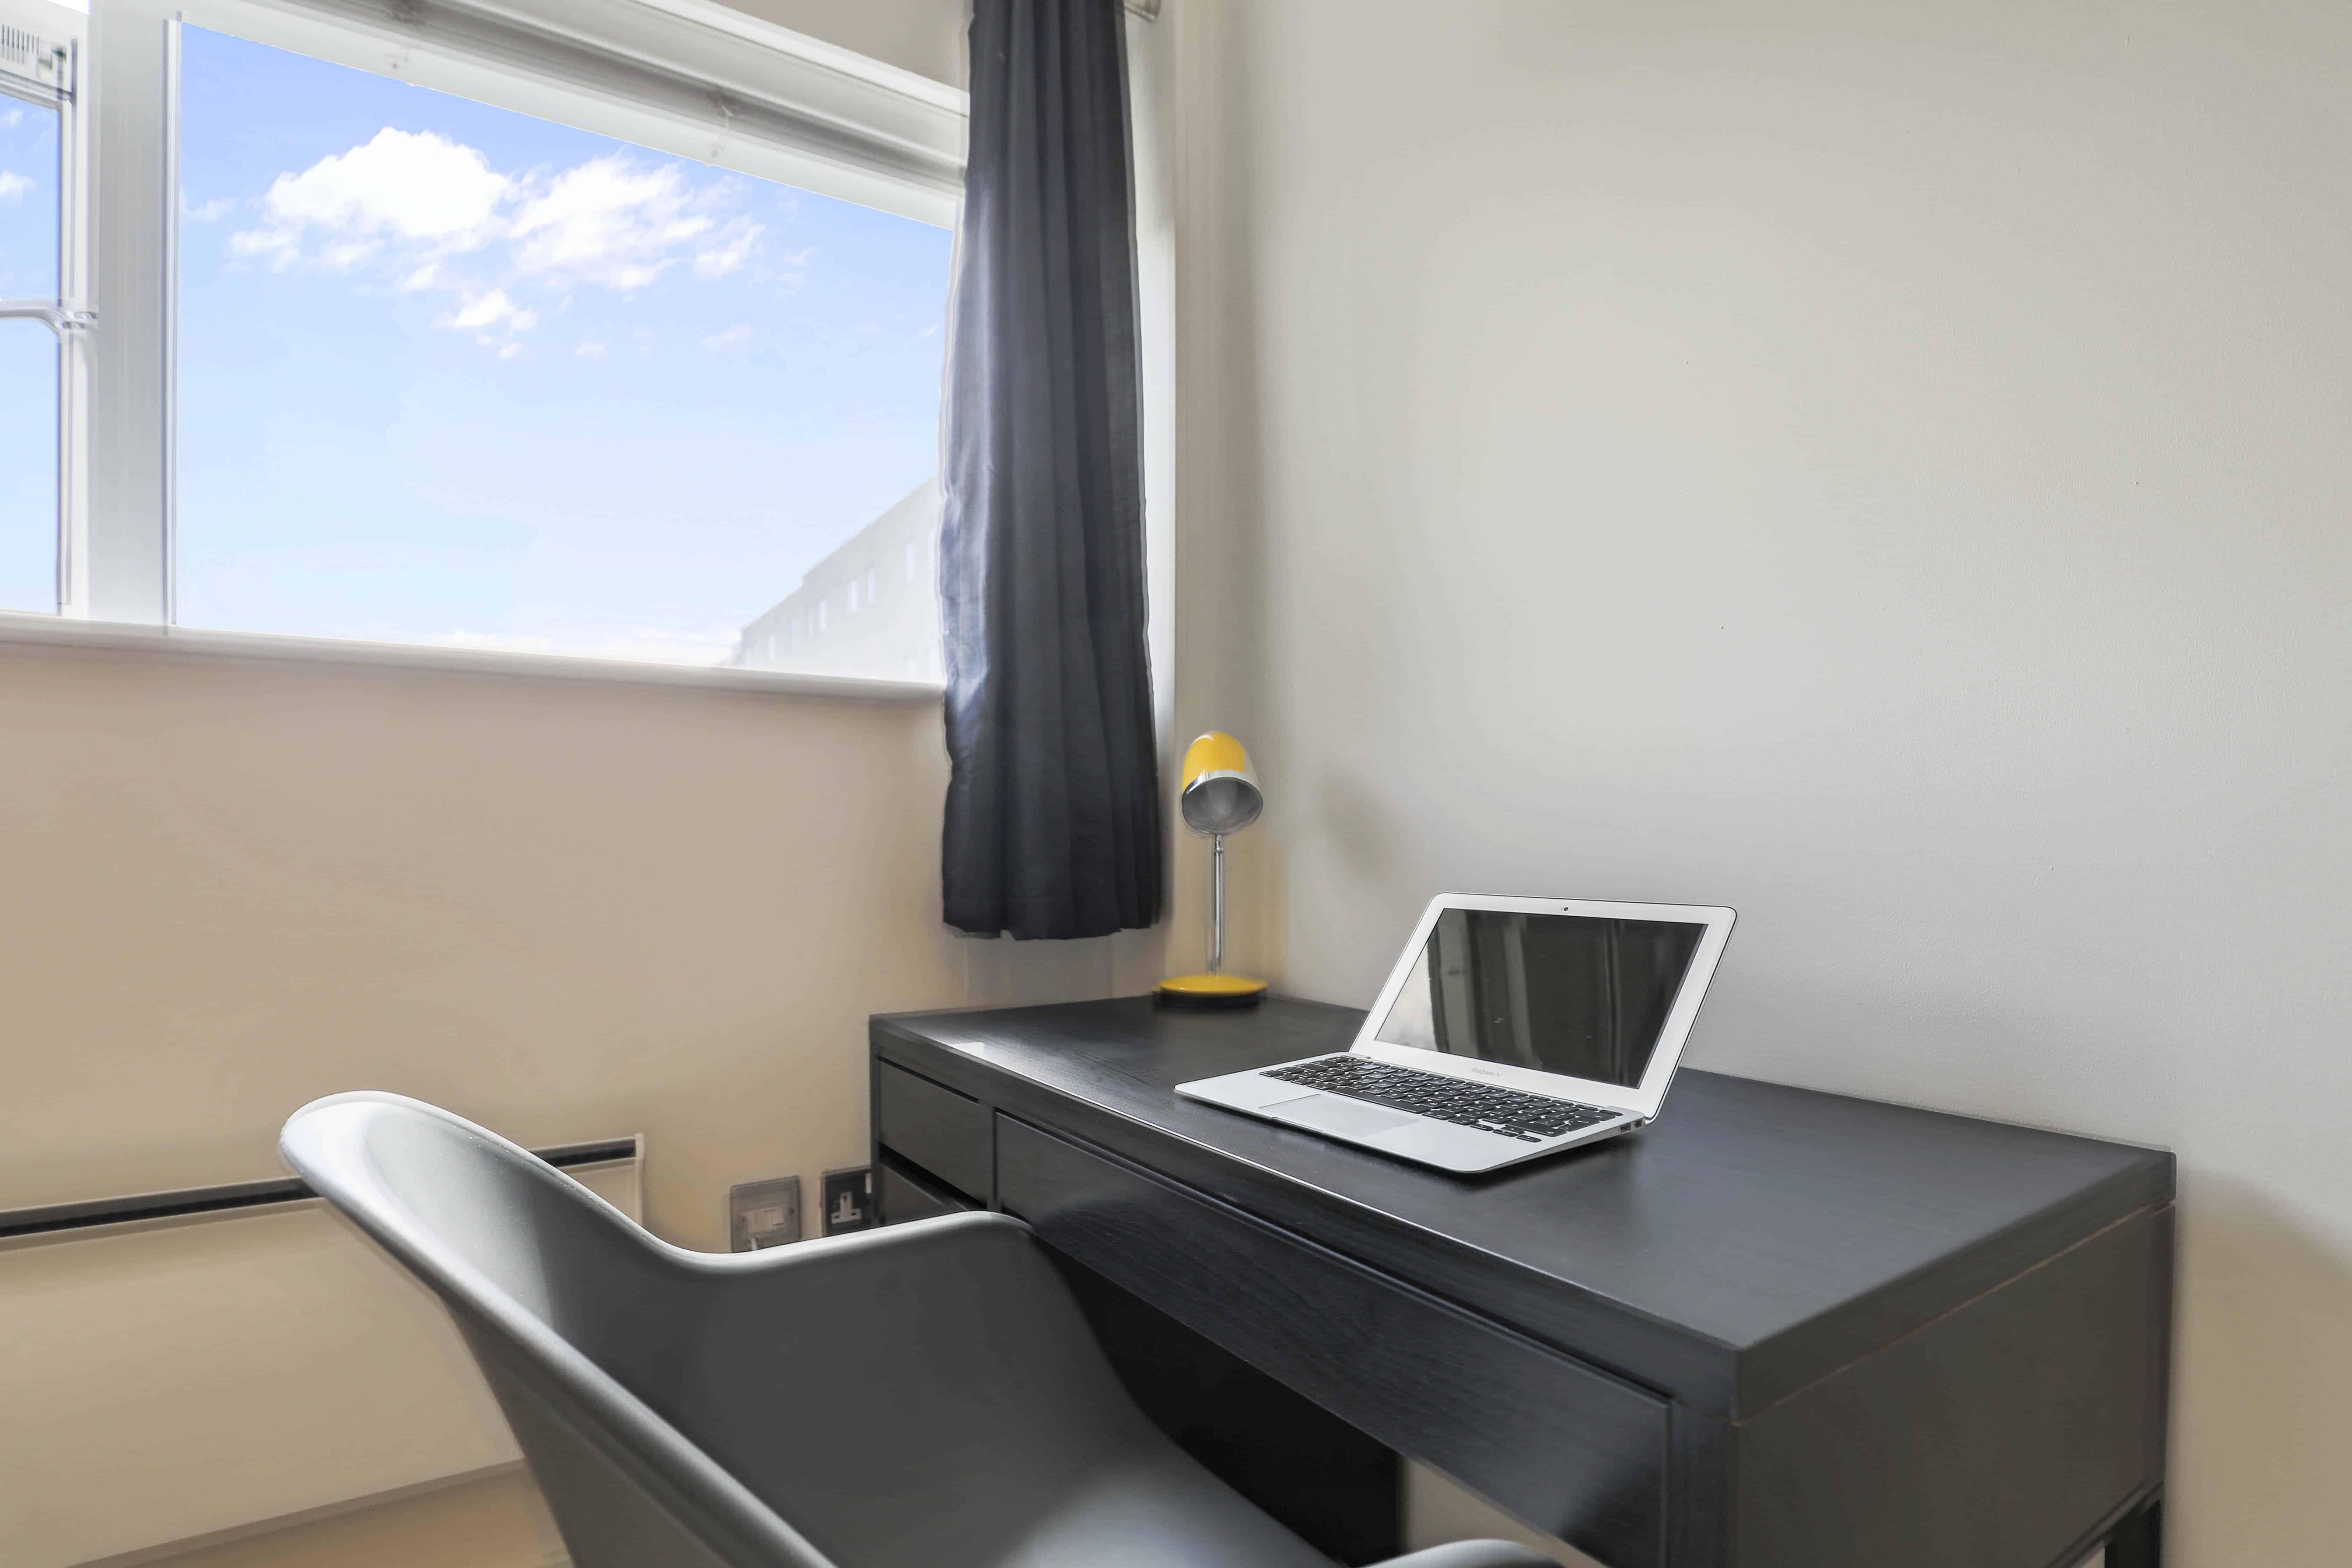 executive 1 bed bedroom work desk